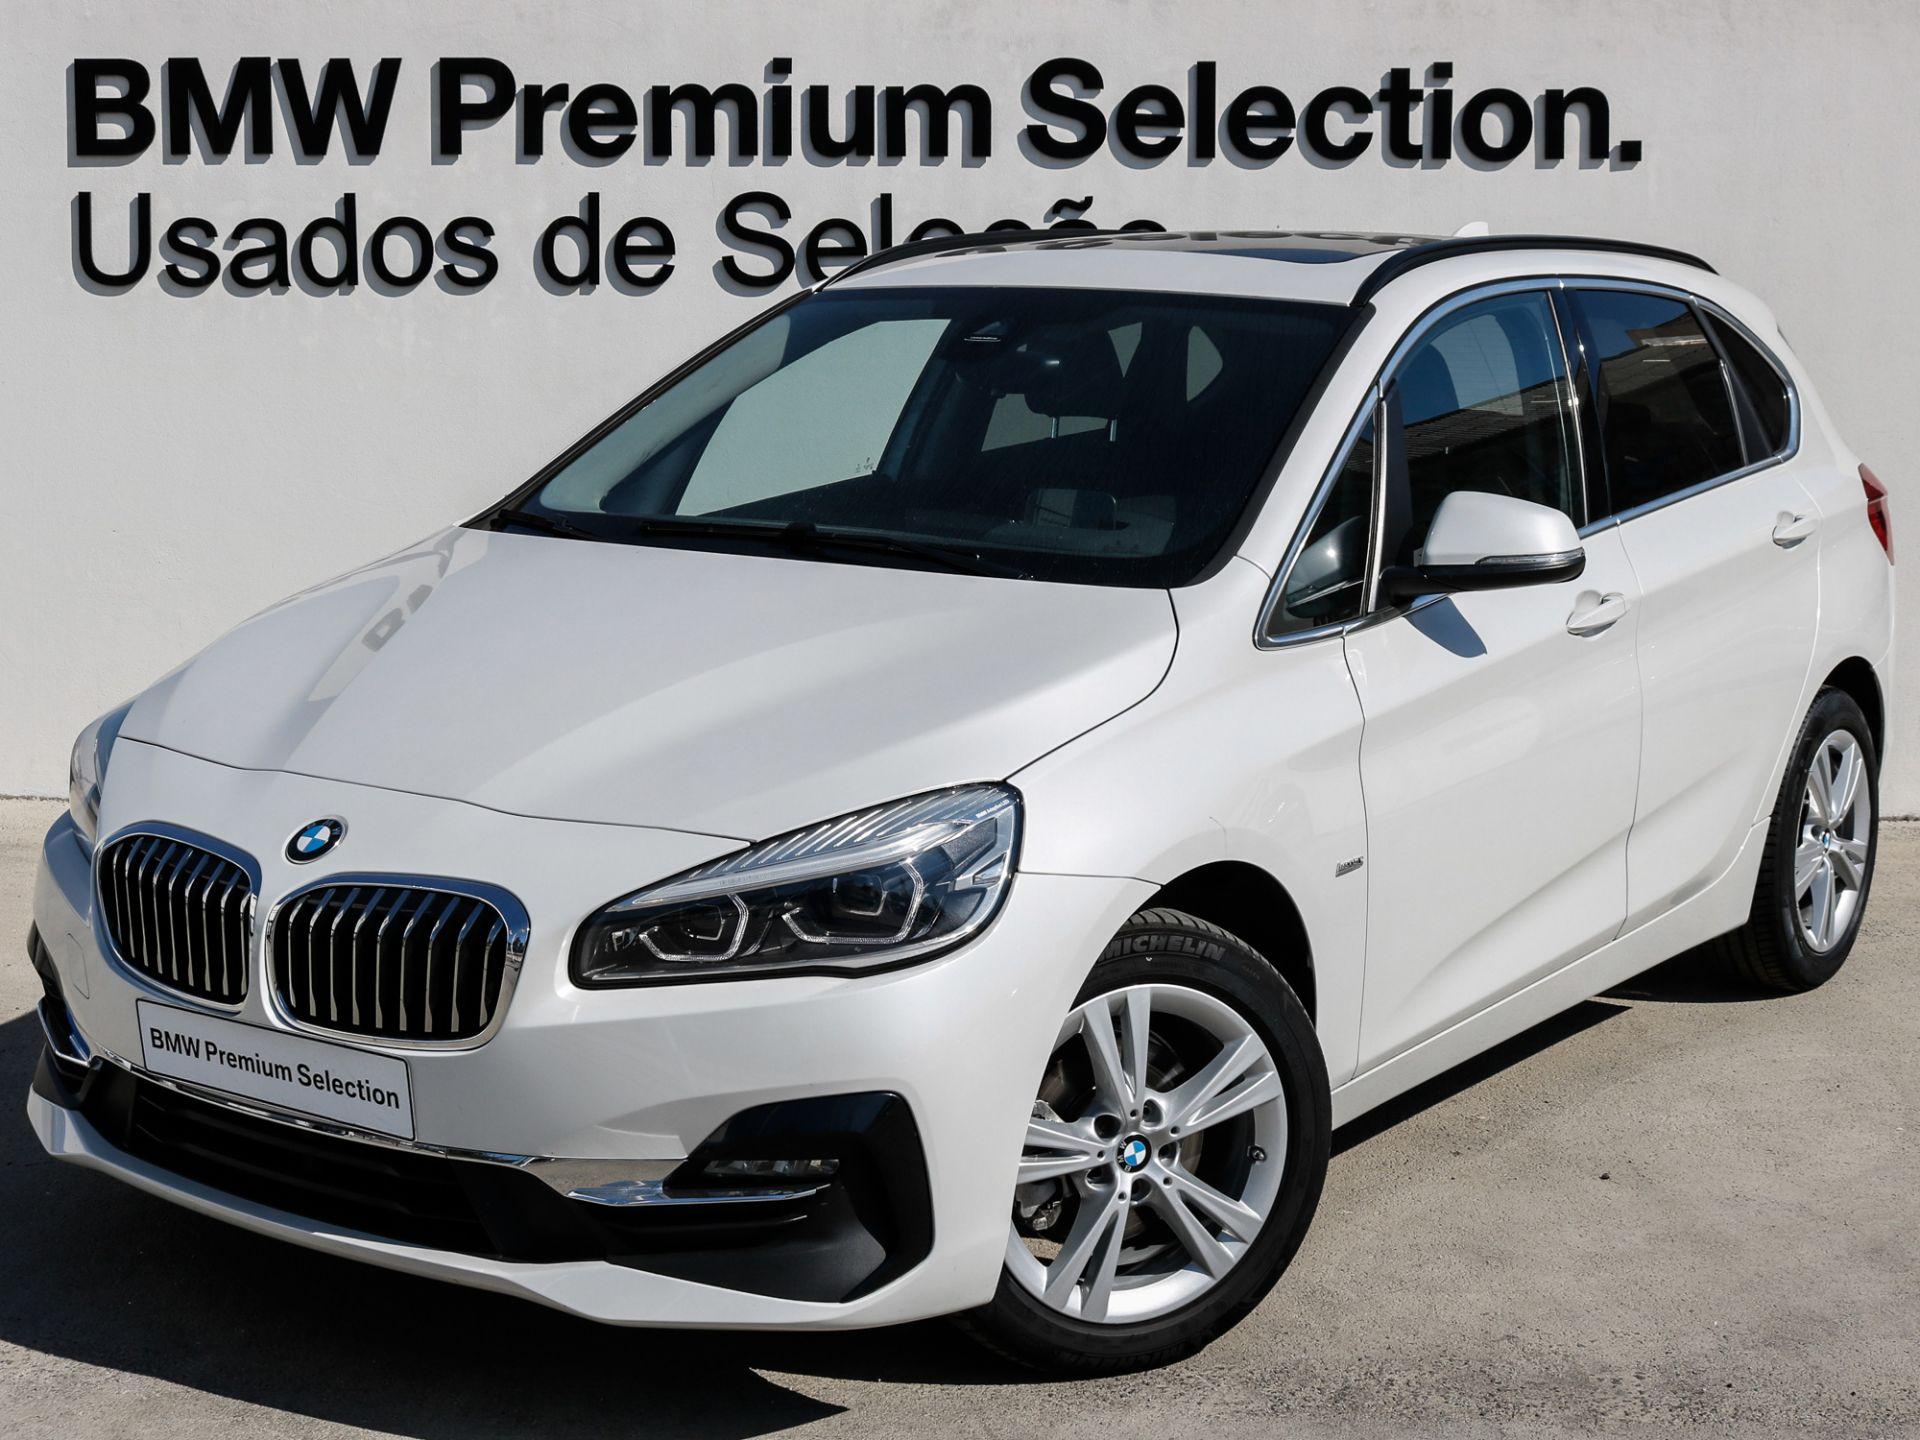 BMW Serie 2 Active Tourer 216d Line Luxury, Div Equipamento segunda mão Lisboa